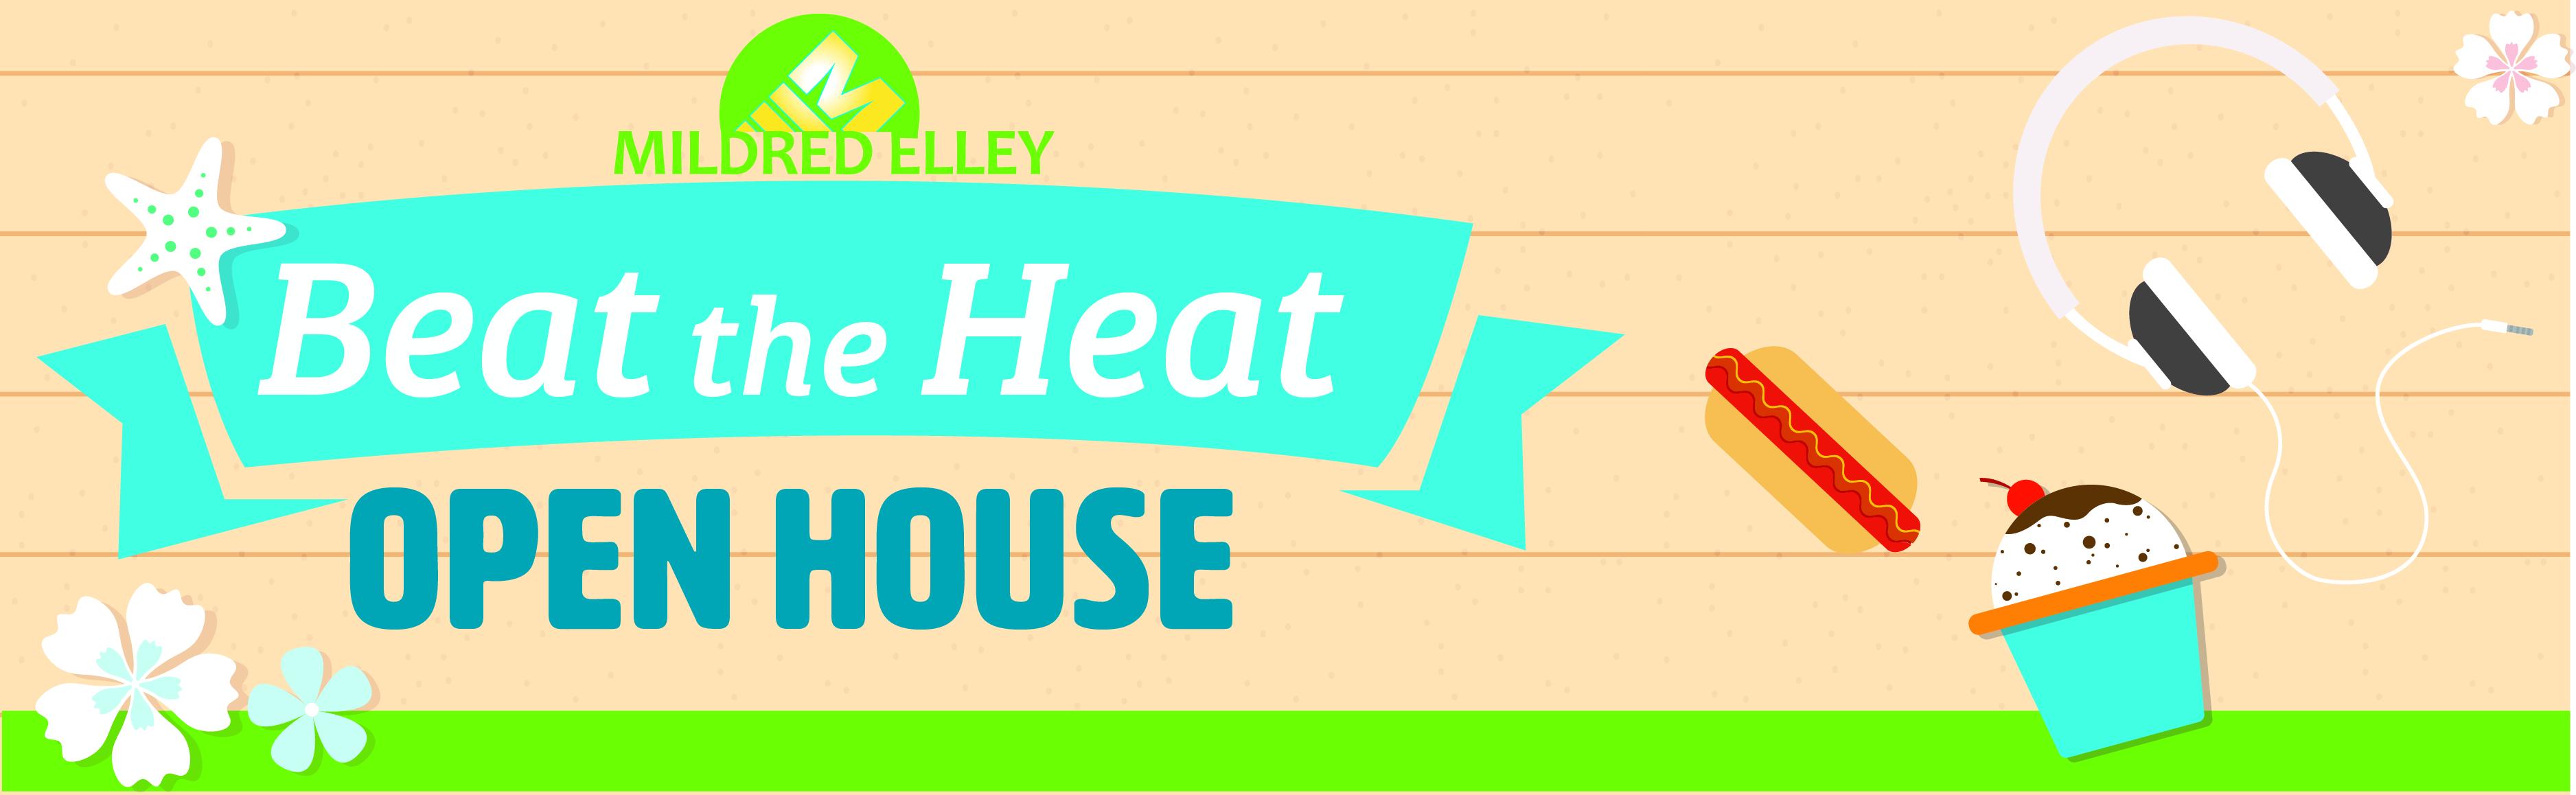 Beat the Heat Open House.jpg